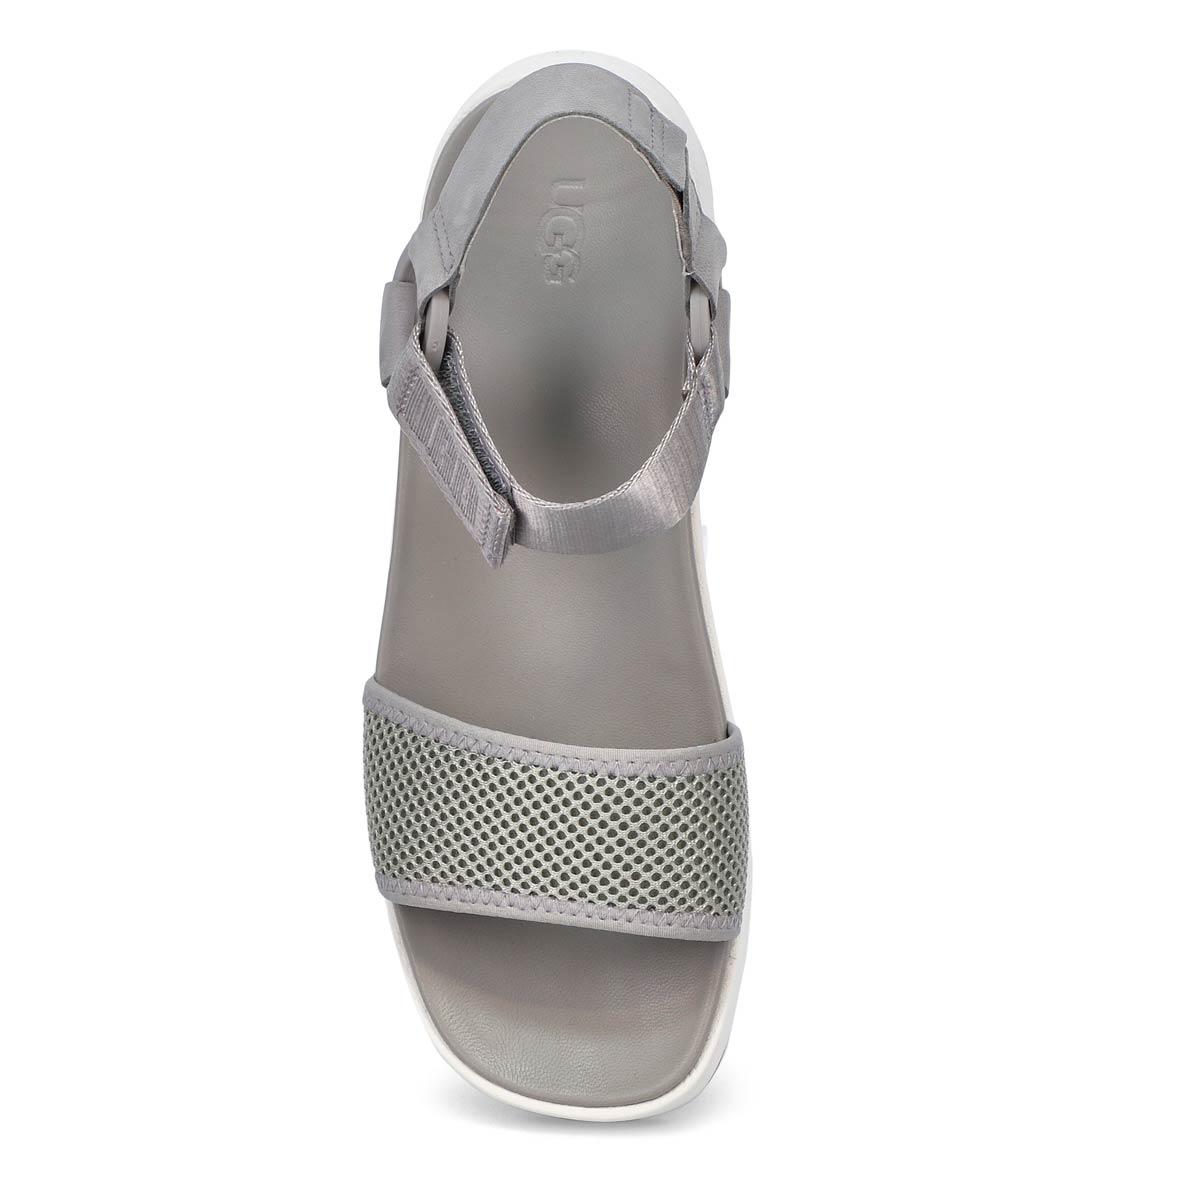 Women's Aissa Sandal - Seal